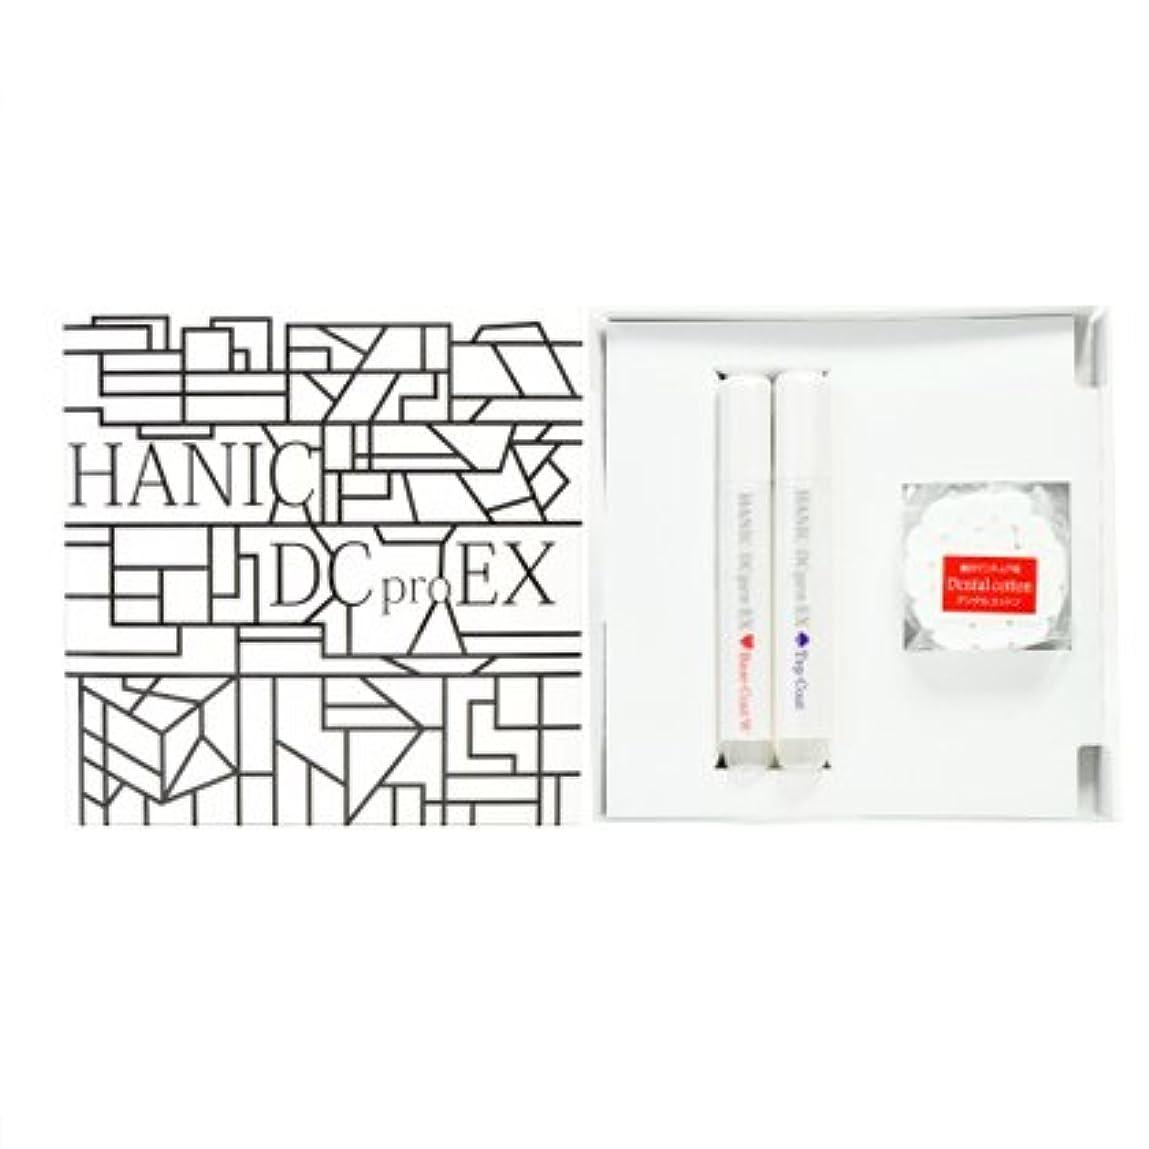 乳製品ユニークな暖炉HANIC DCpro EX ベーシックセット(ベースコートホワイト?トップコート)